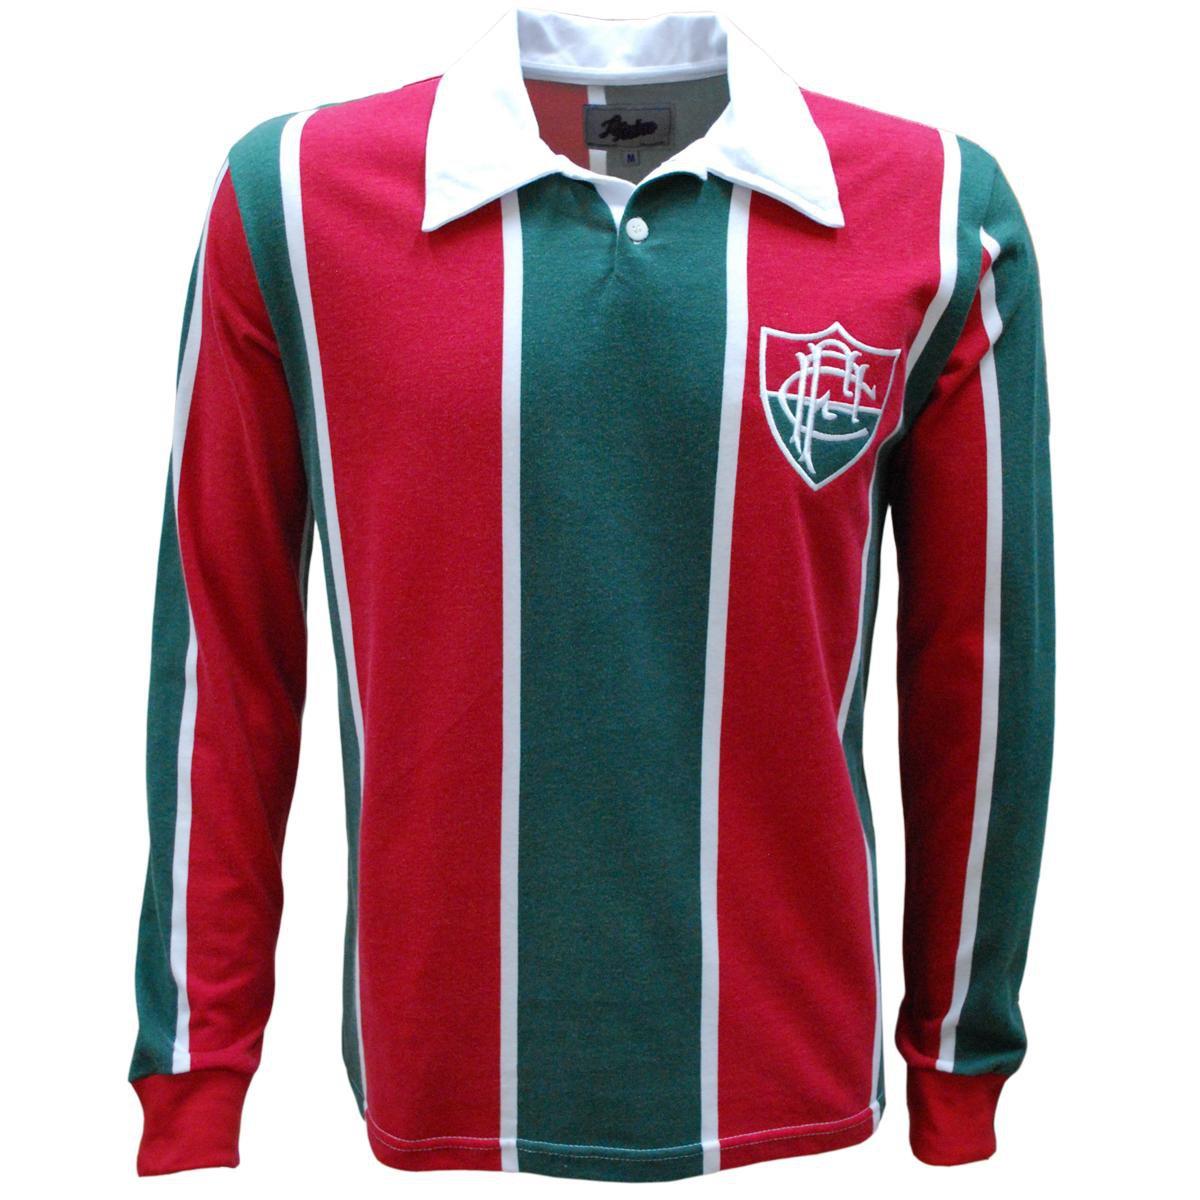 Camisa Liga Retrô Fluminense 1913 Longa - Vermelho e Verde - Compre Agora  58d1febde343e